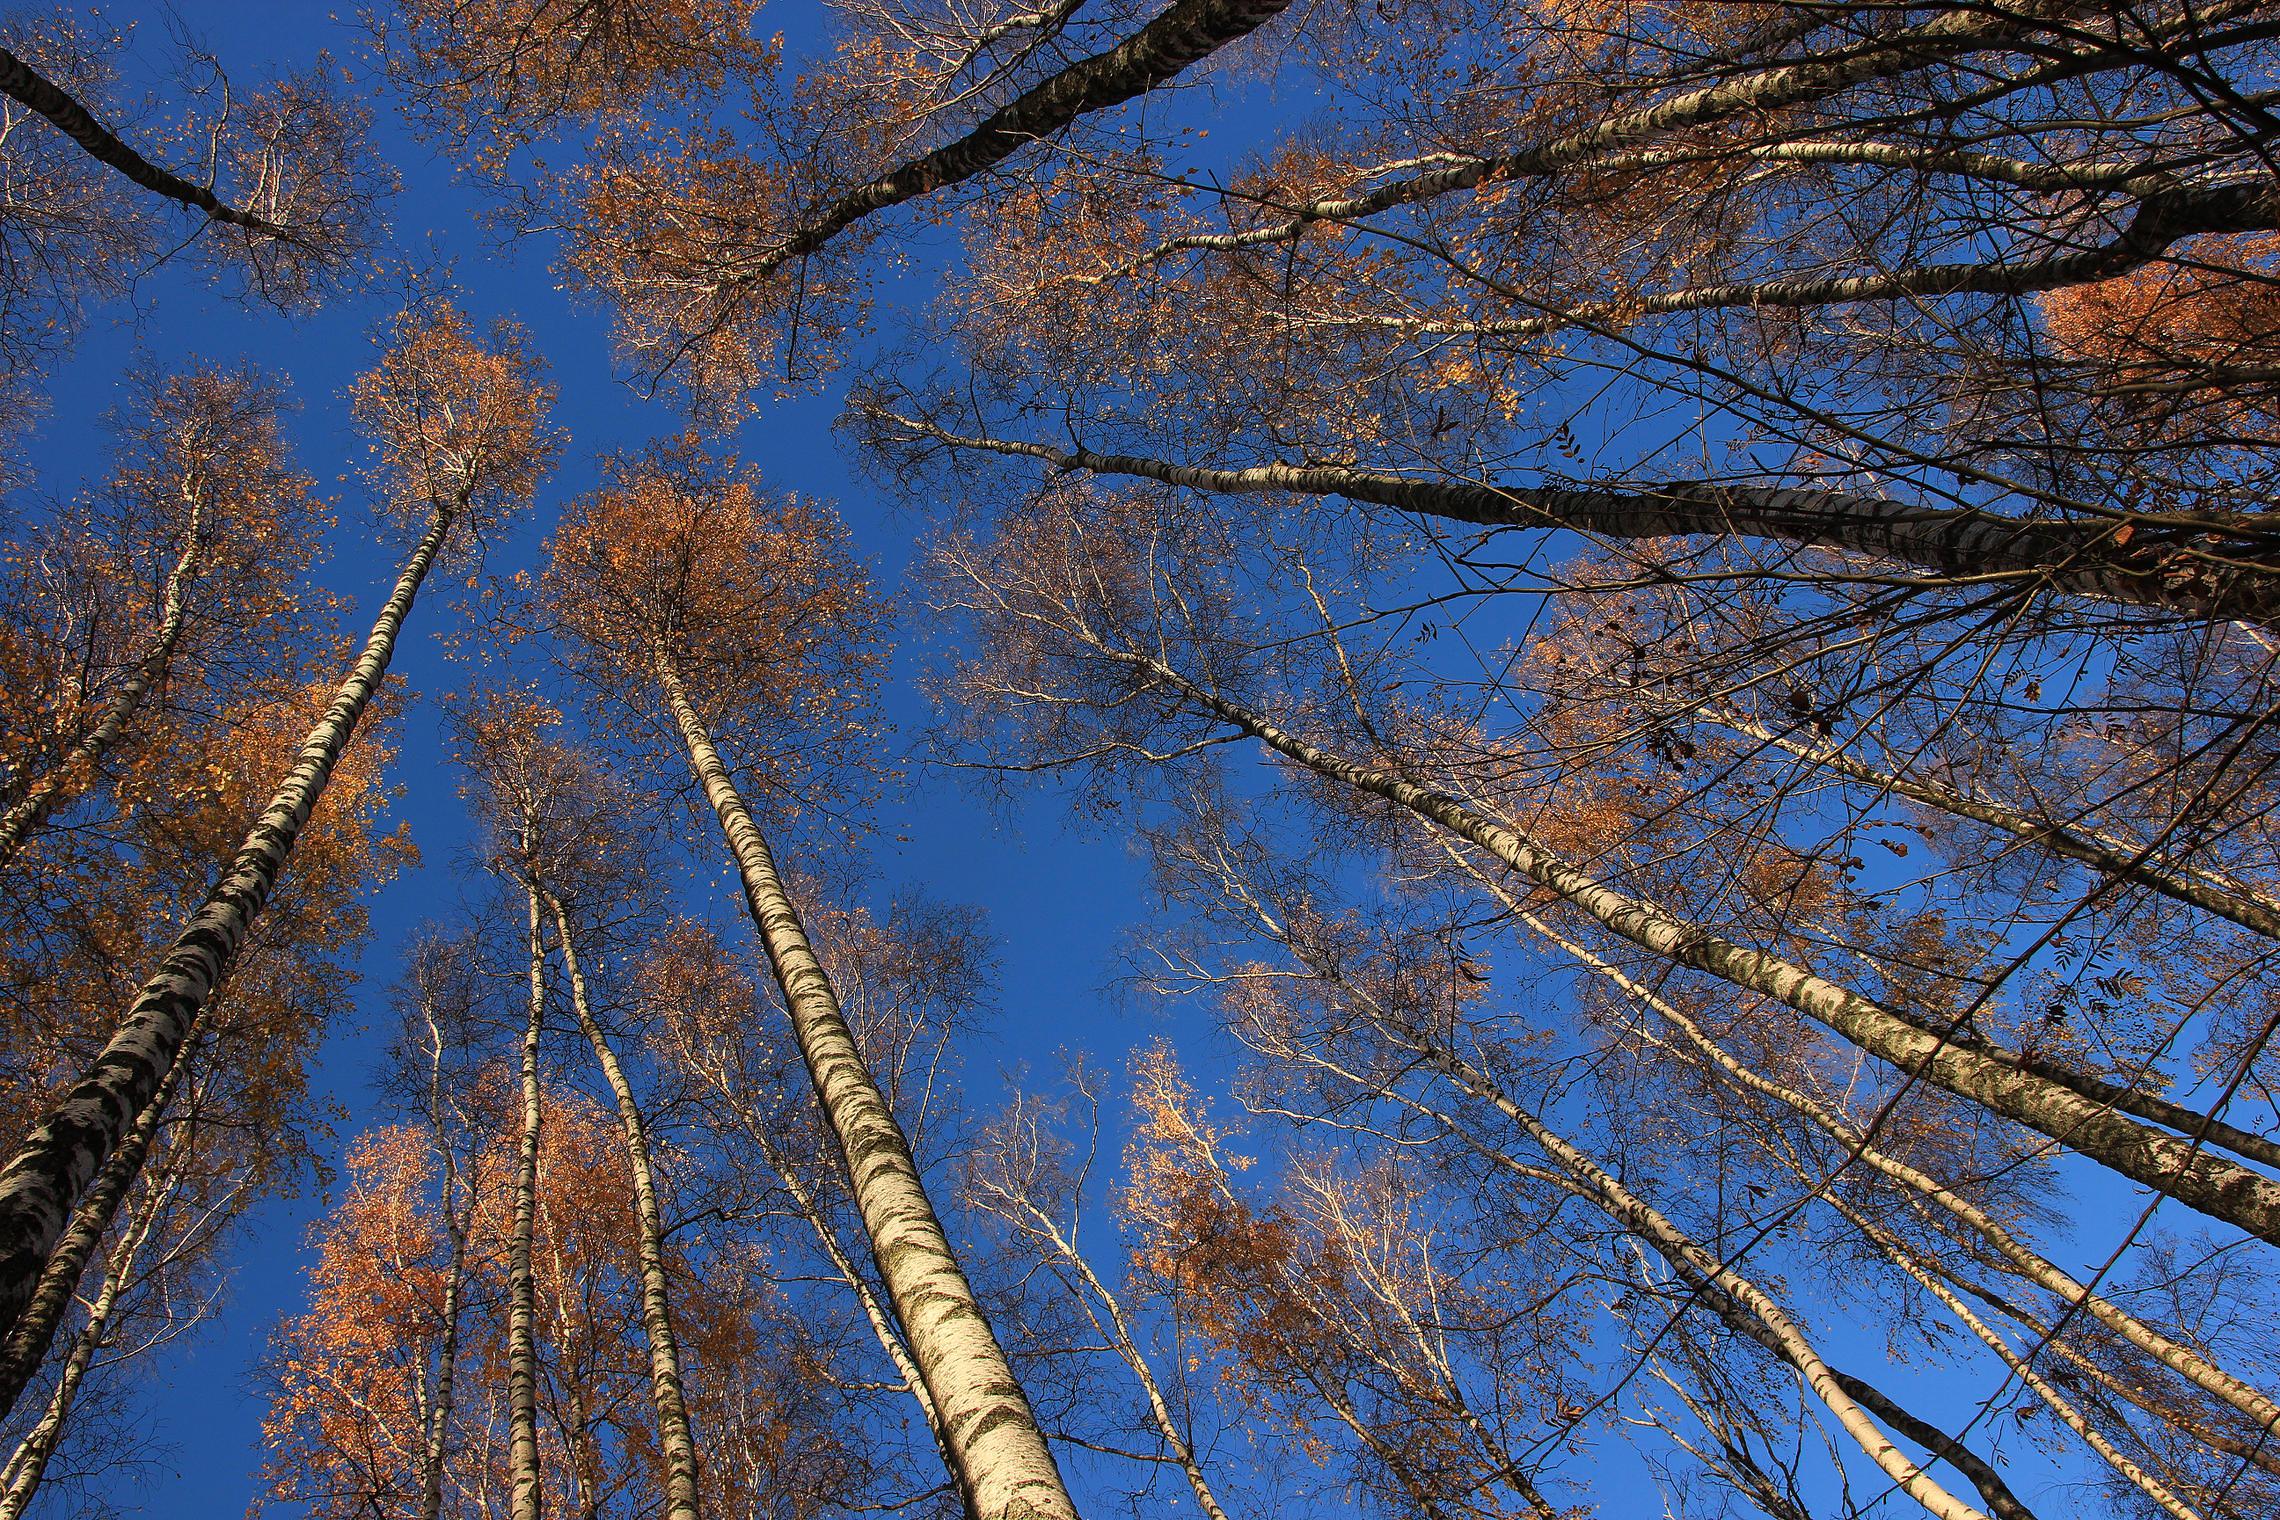 как сфотографировать деревья уходящие в небо какое